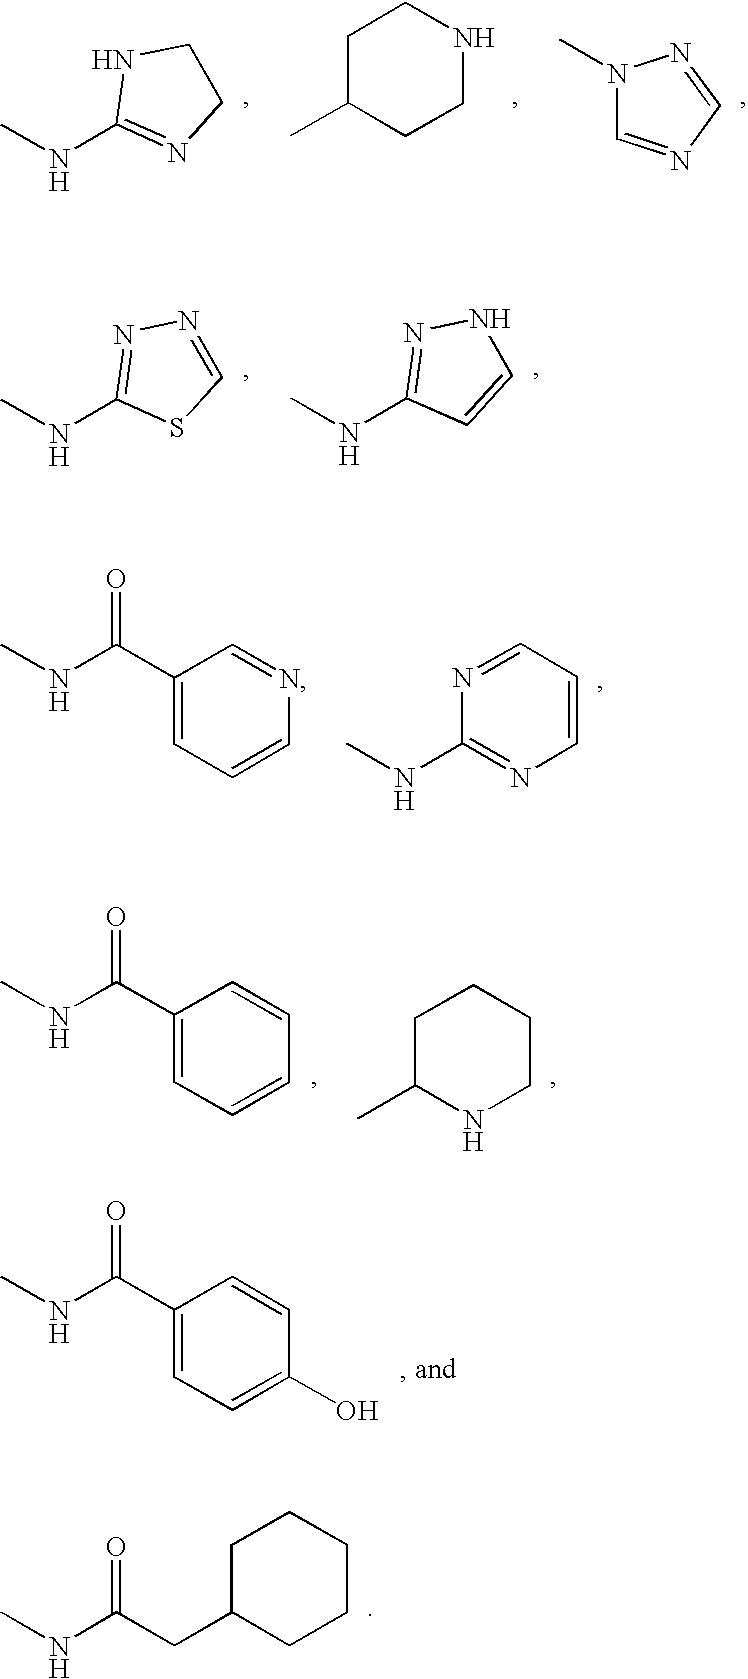 Figure US07456184-20081125-C00004